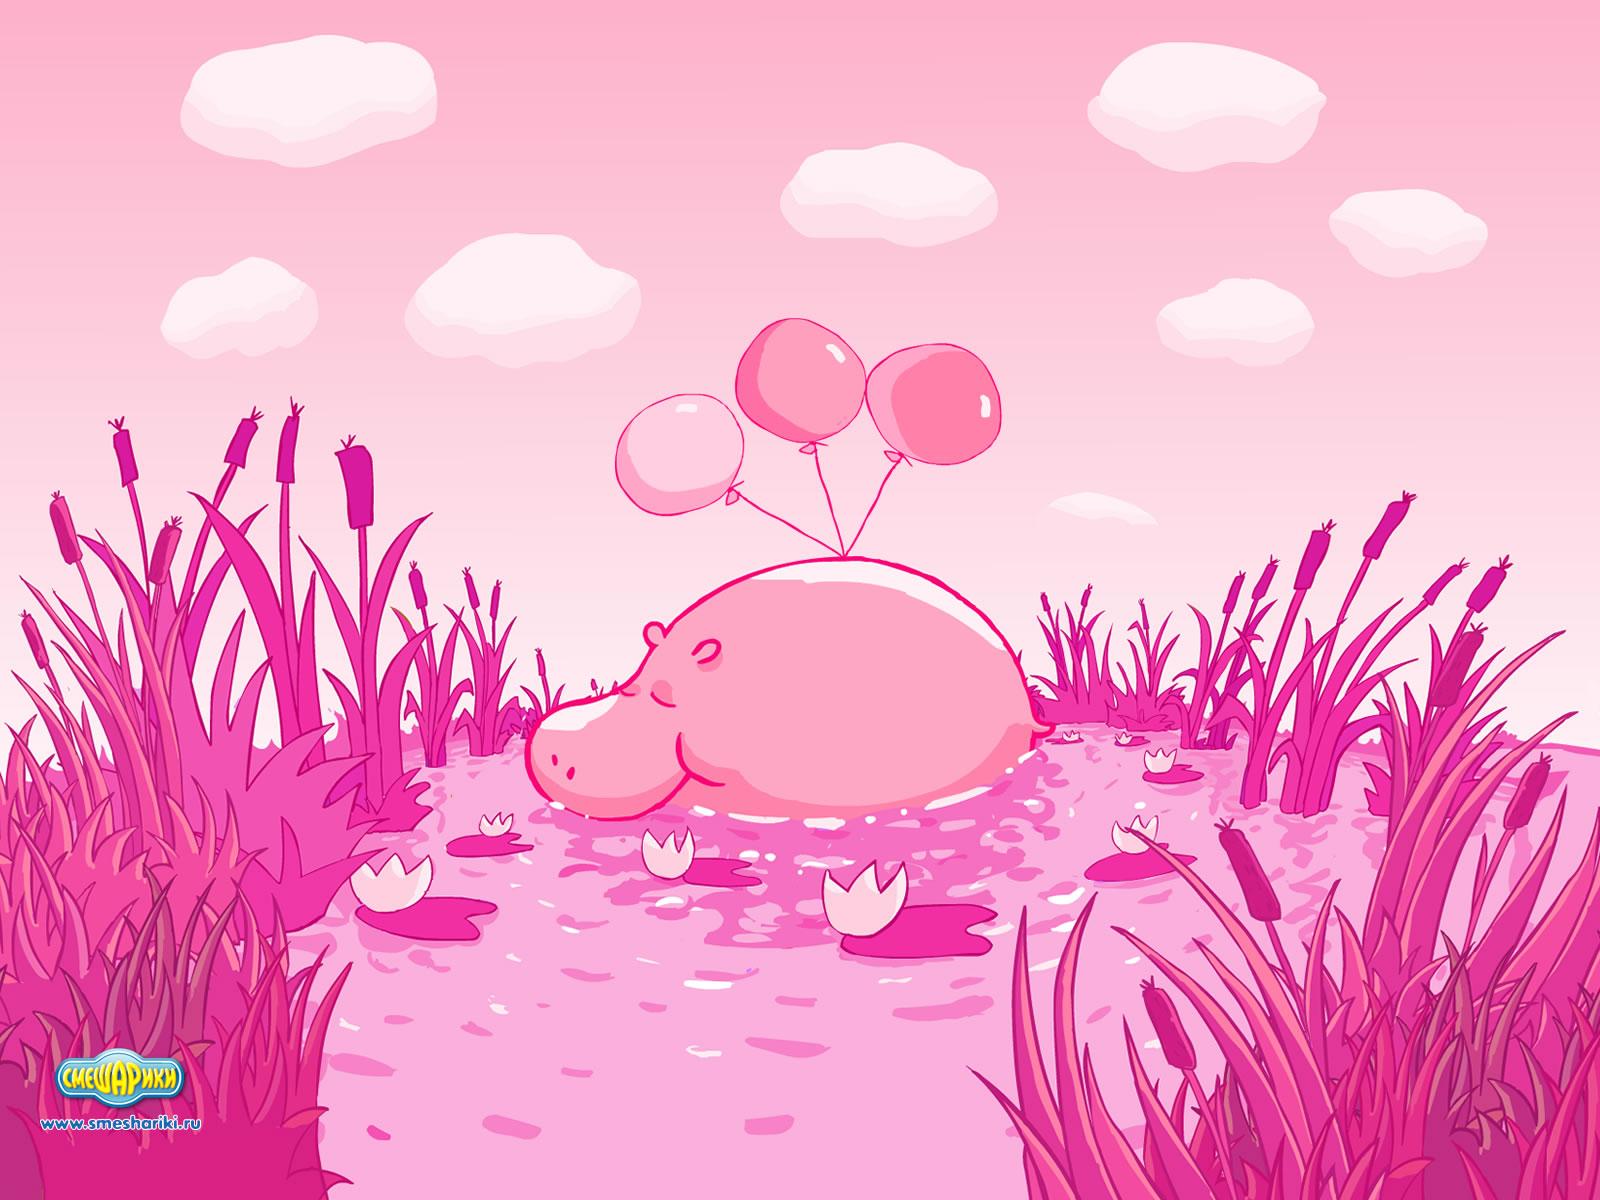 Картинки на обои очень красивые и розовые и мультяшные